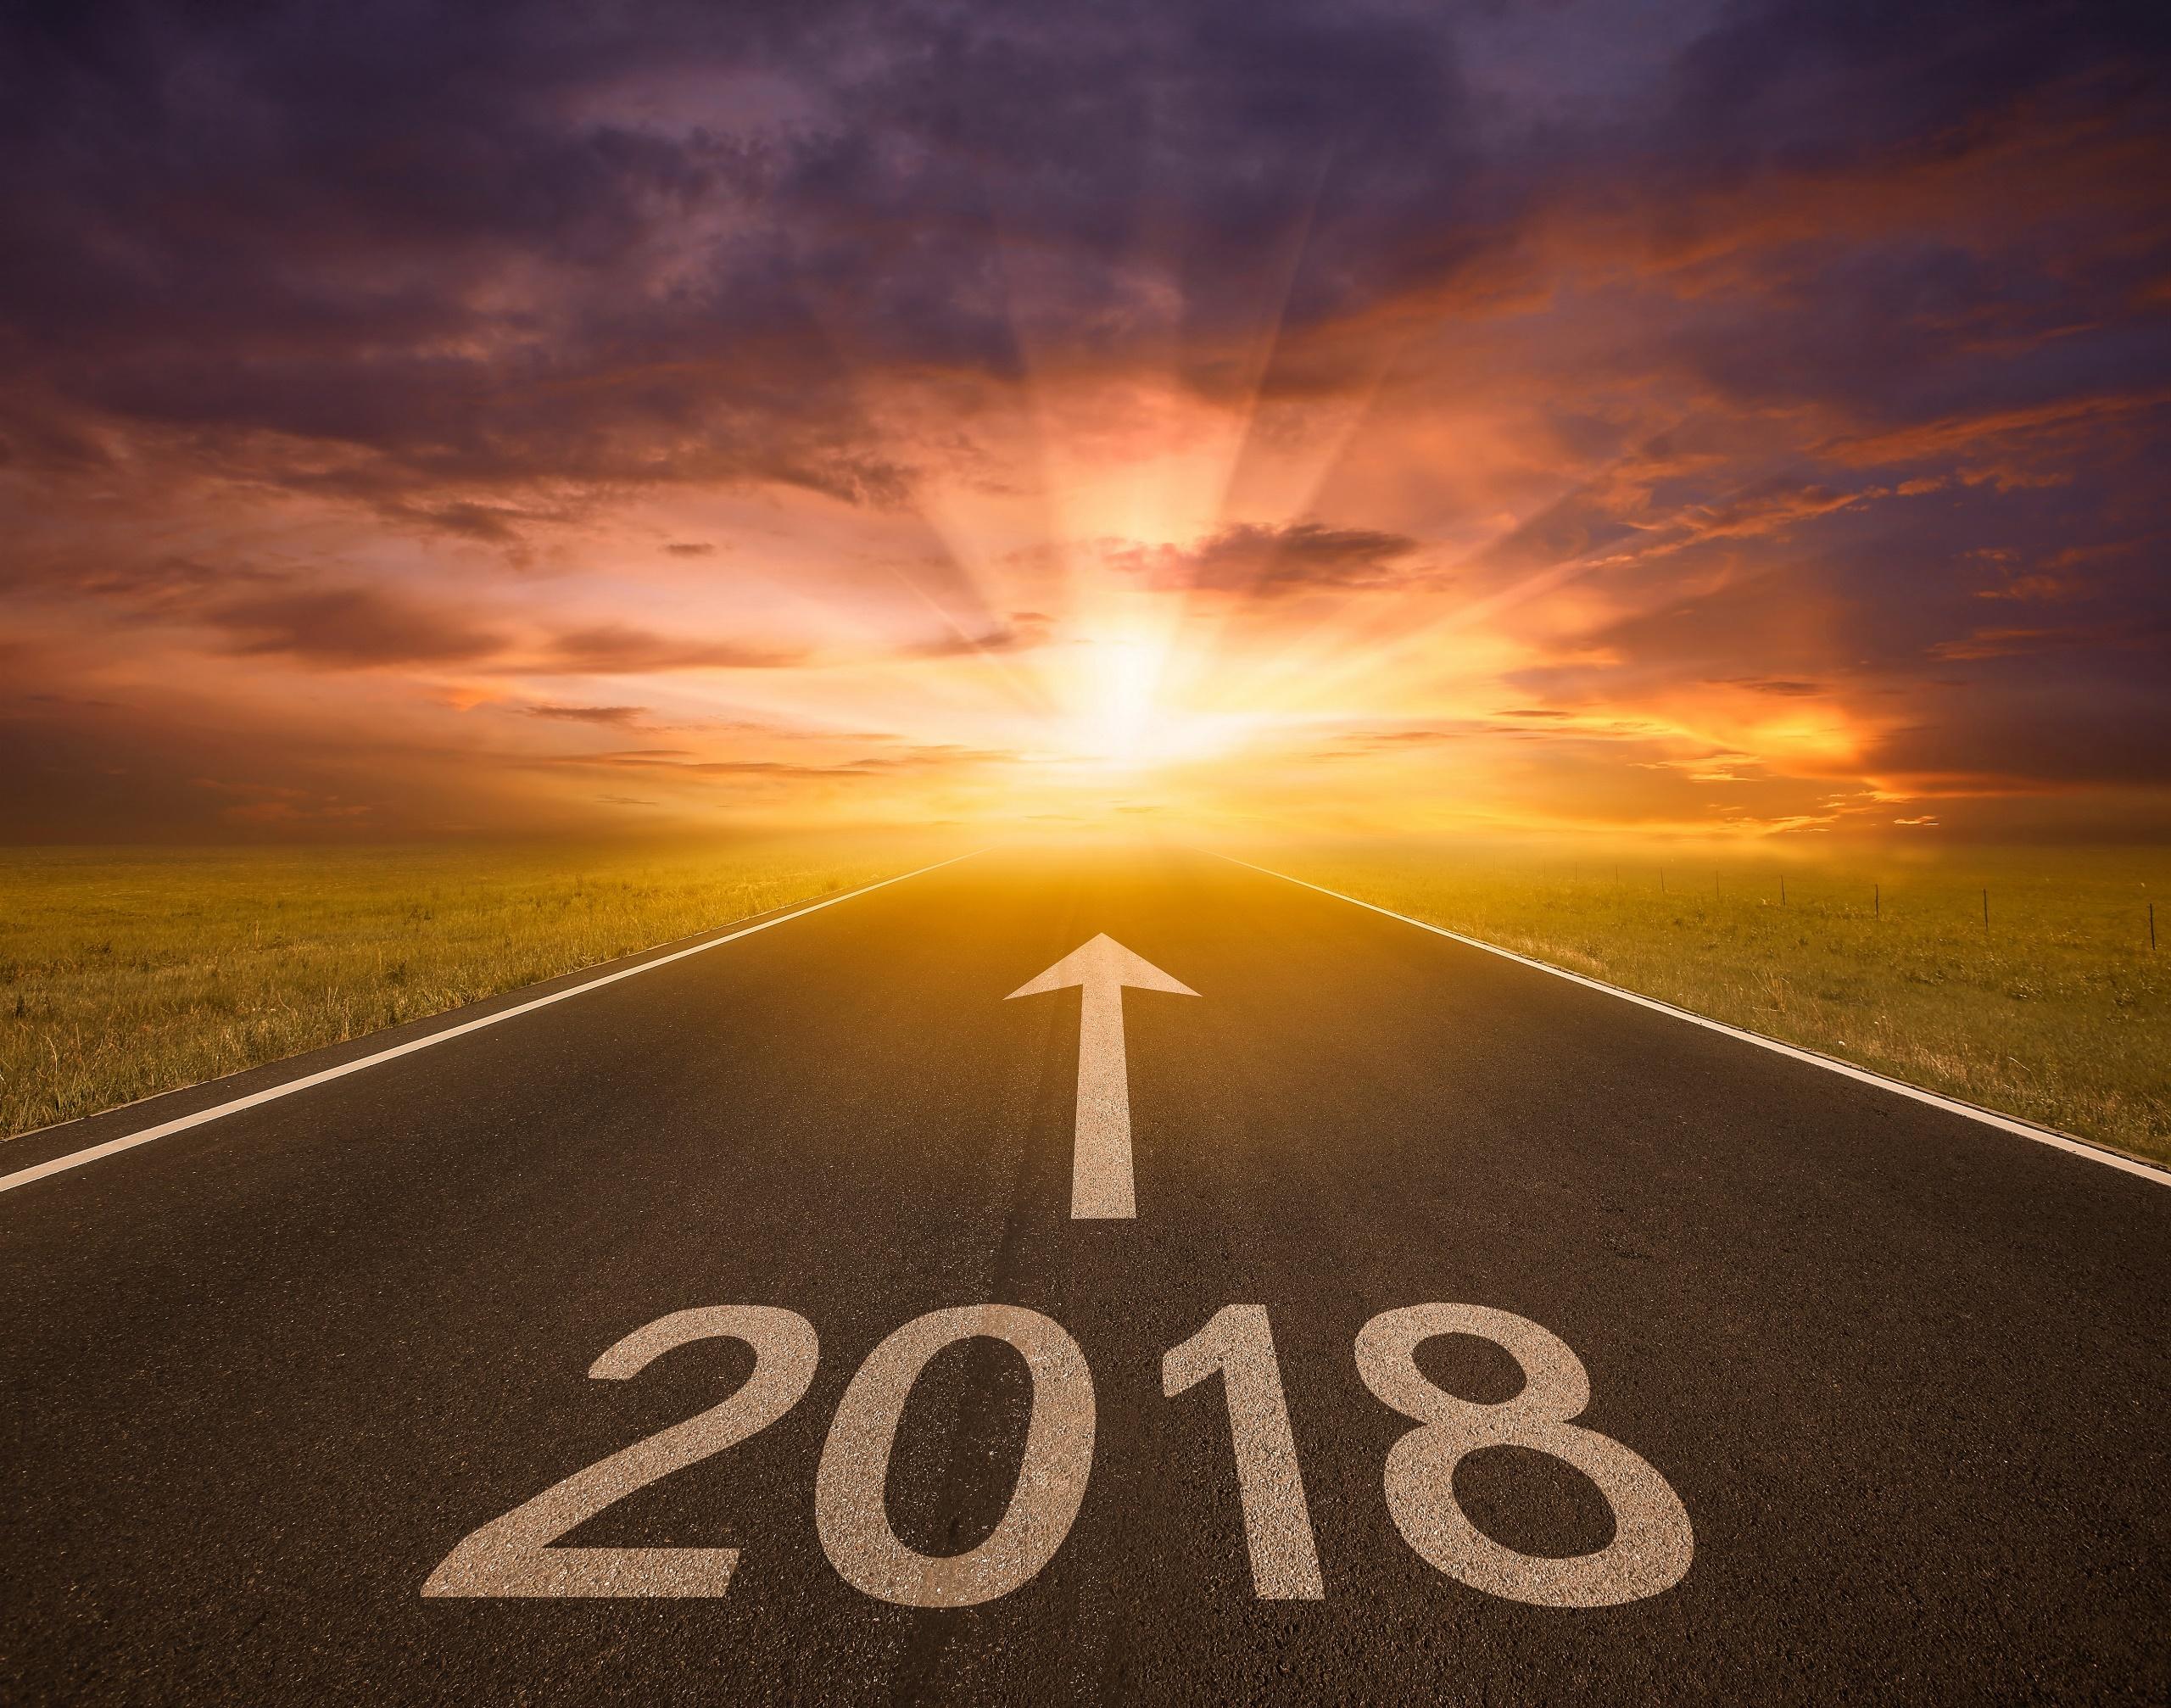 fondos de pantalla 2018 year la carretera cielo